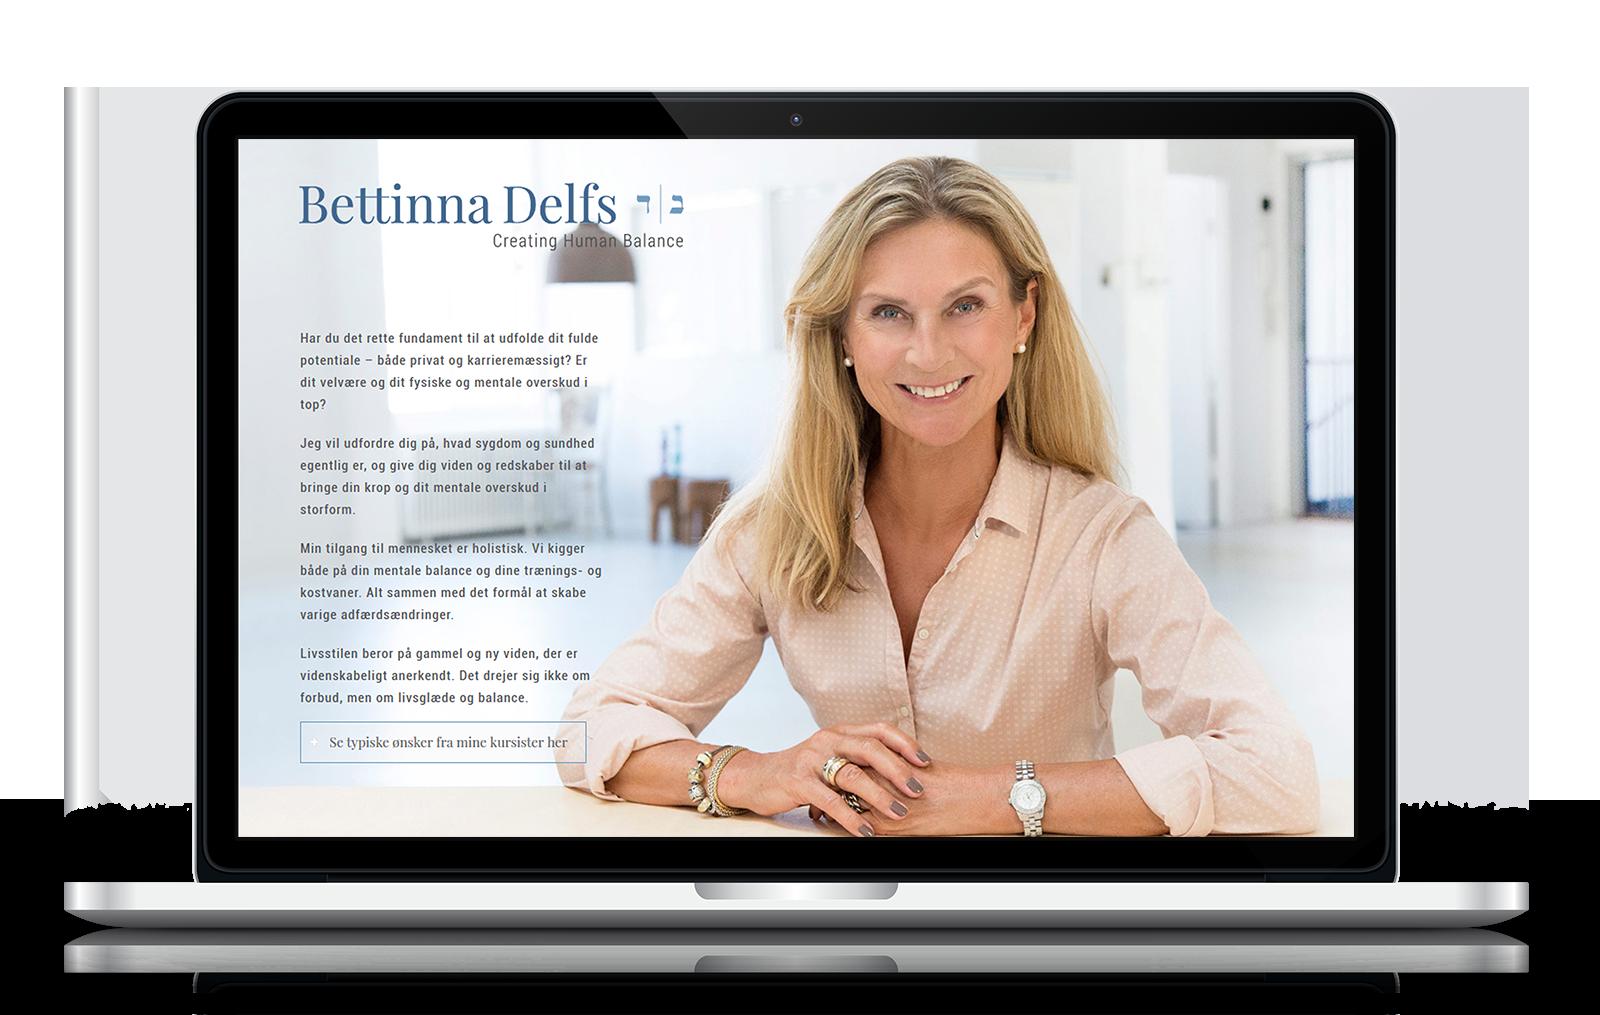 Bettinna Delfs ønskede en meget enkel hjemmeside i havets blå farver